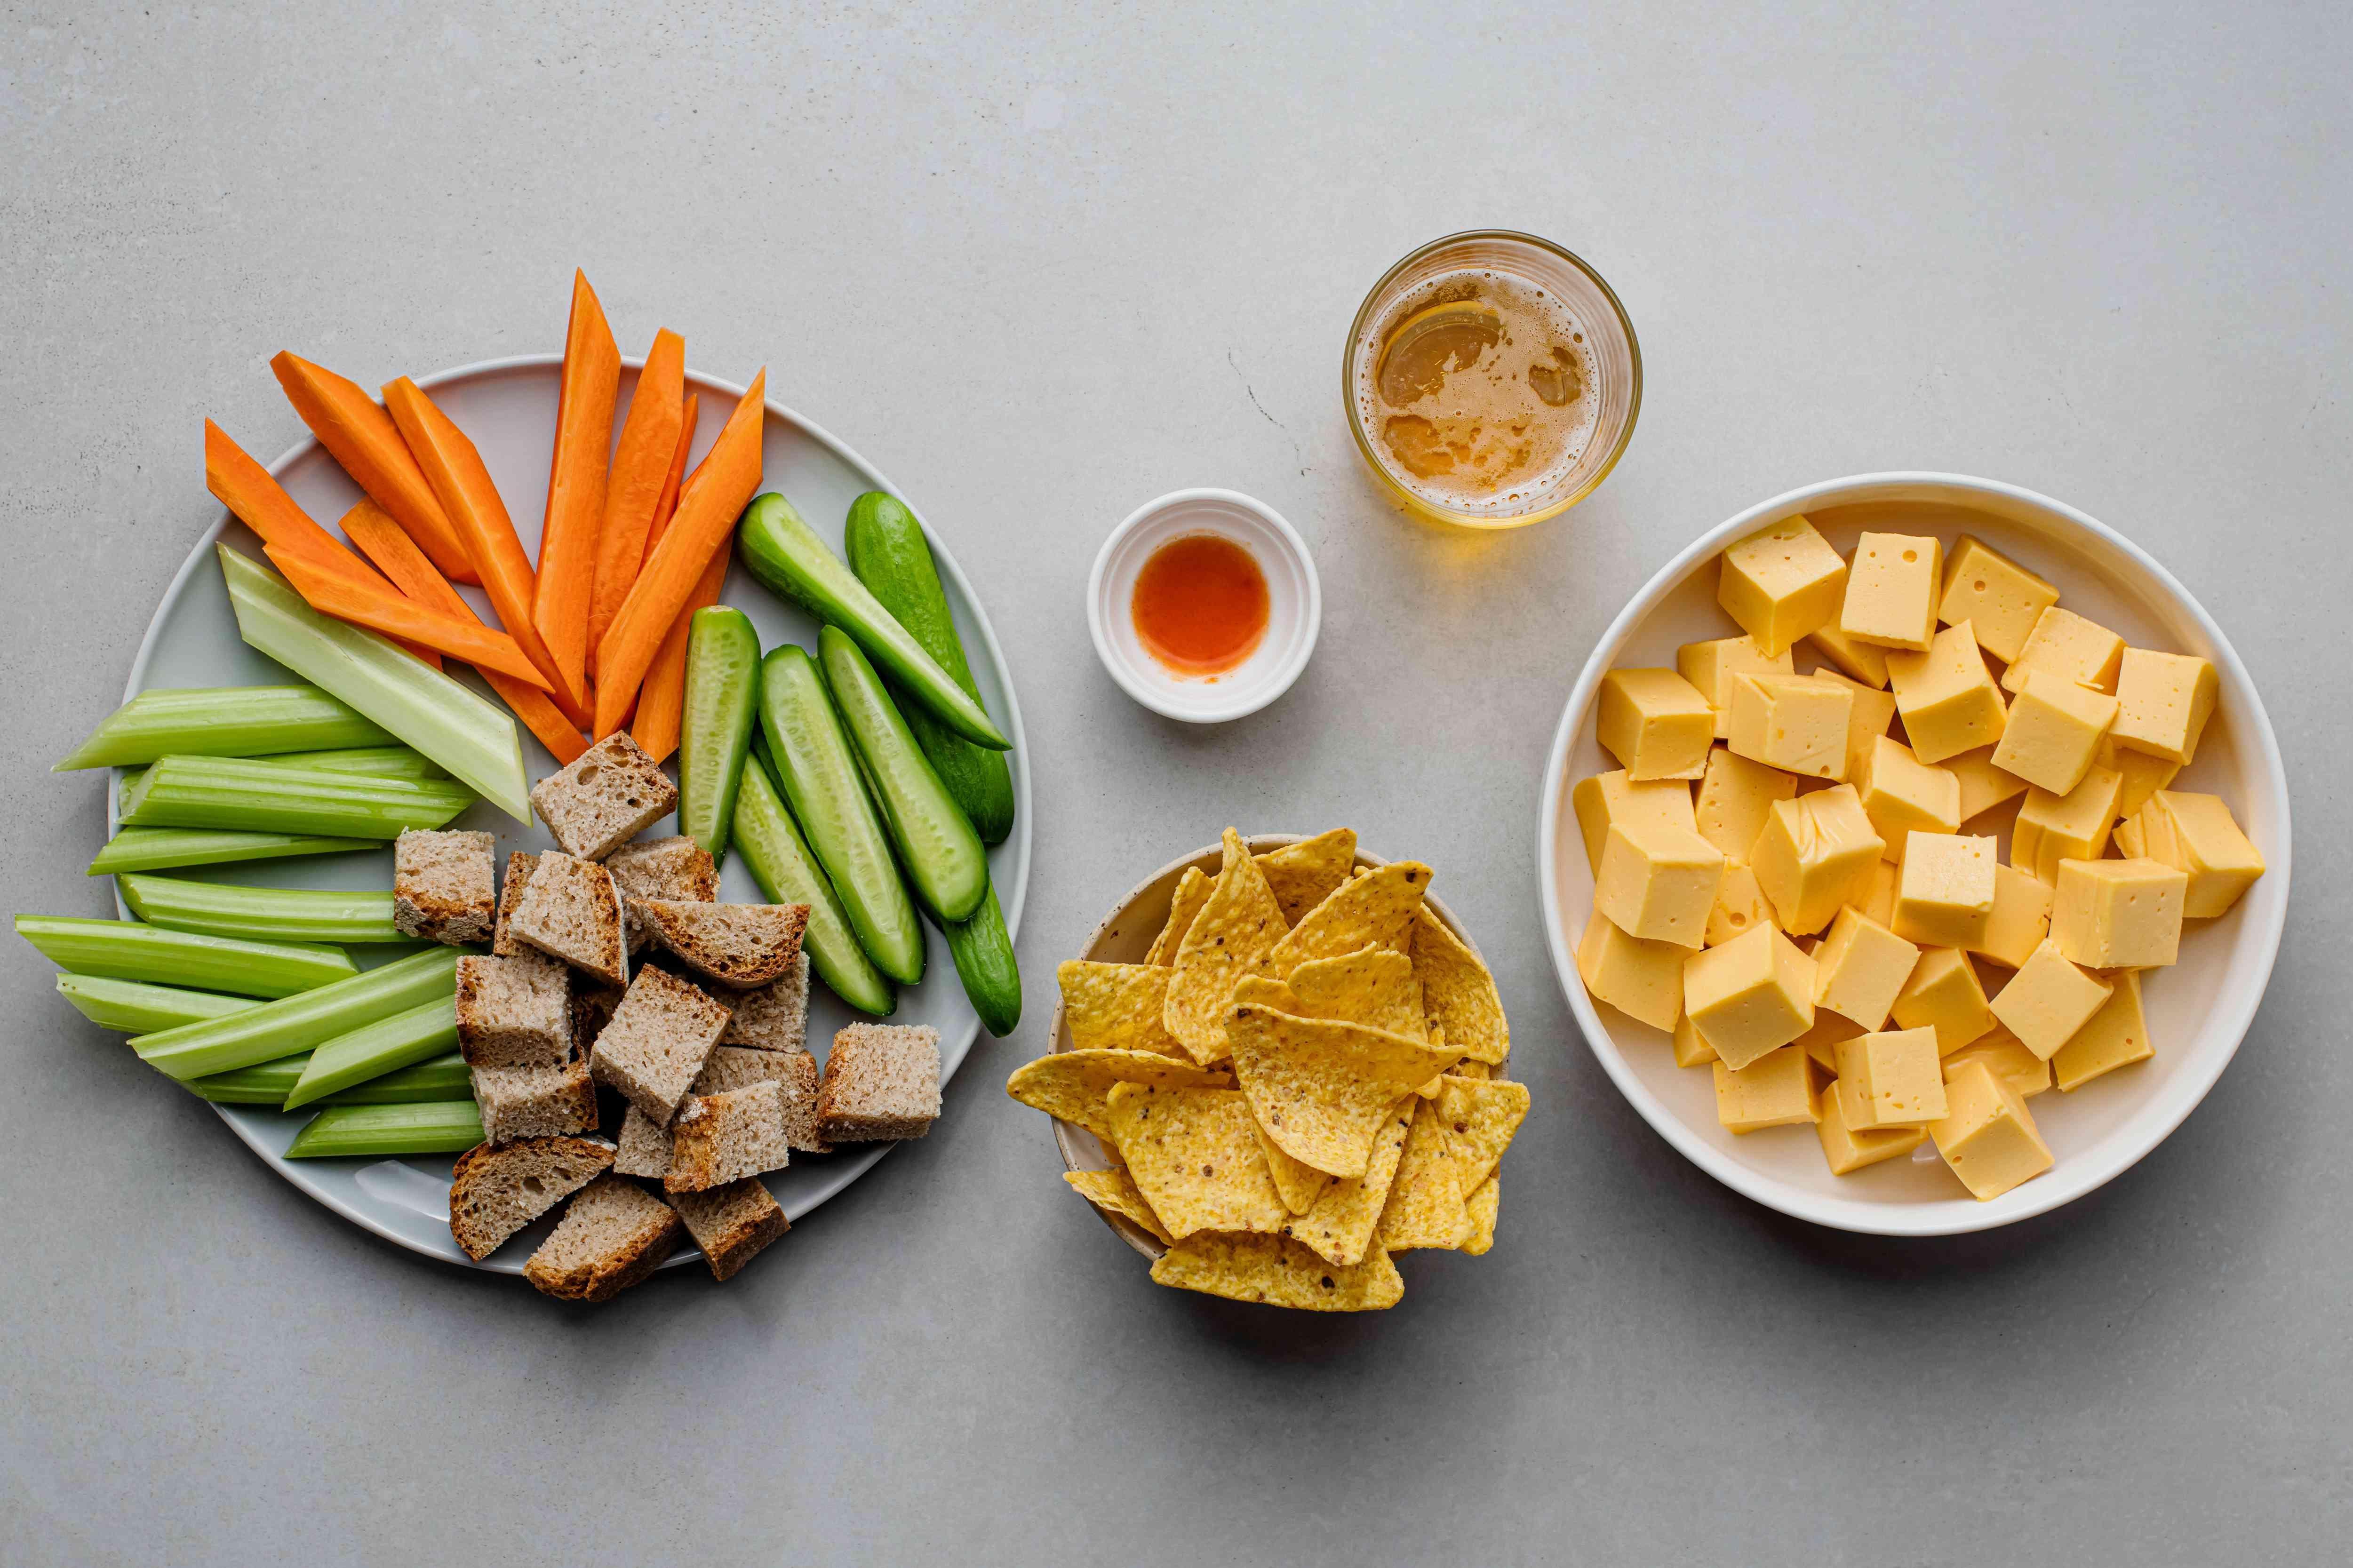 Crockpot Beer Cheese Dip ingredients